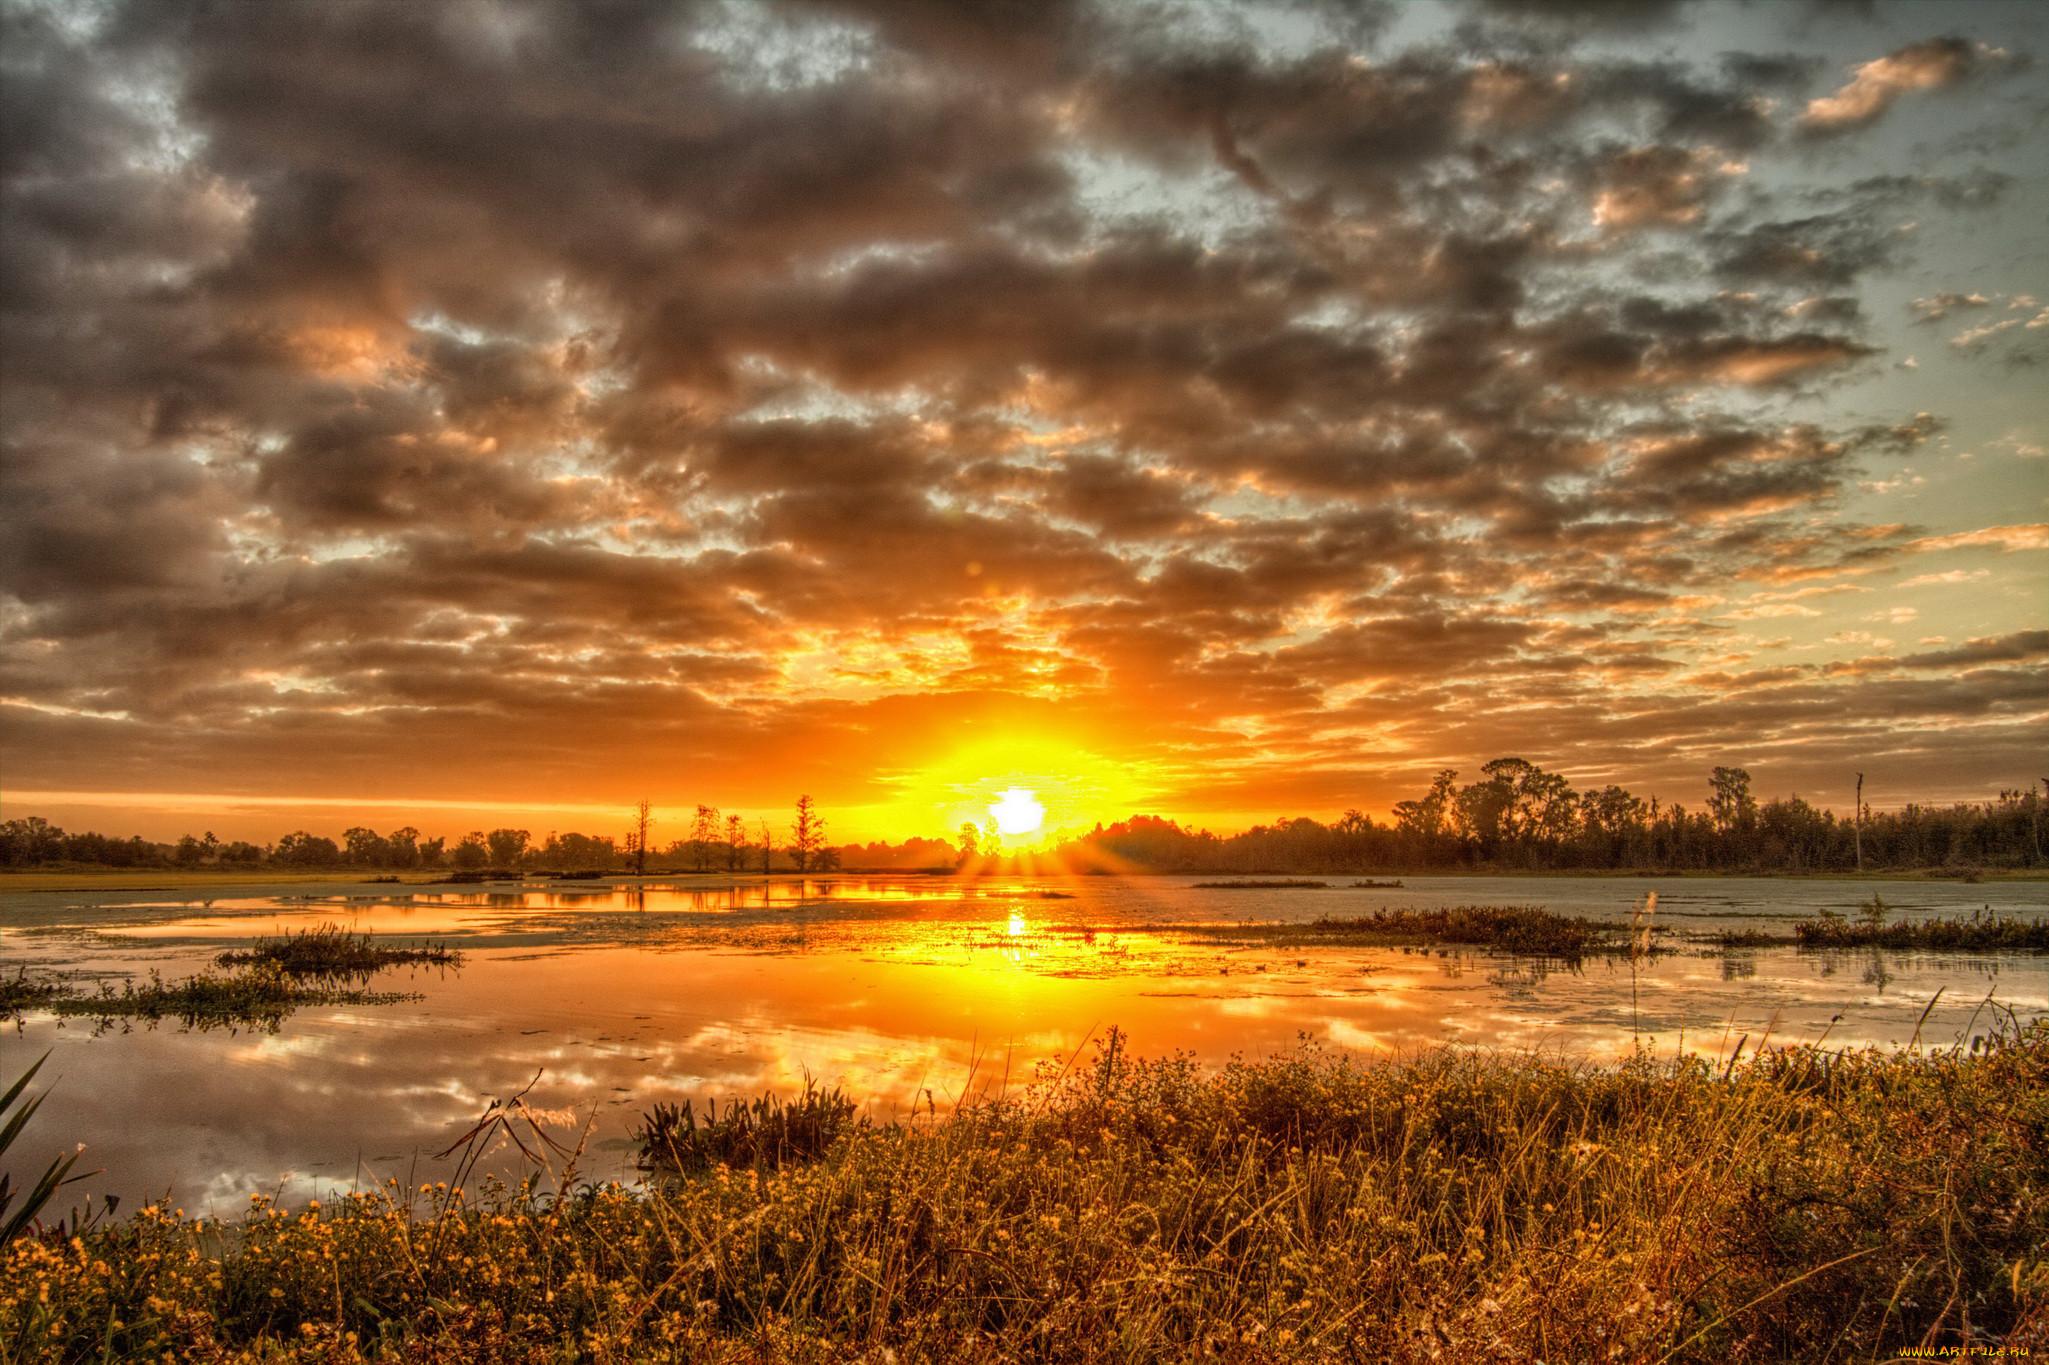 простой, картинки закат солнца природа закат стили интерьере